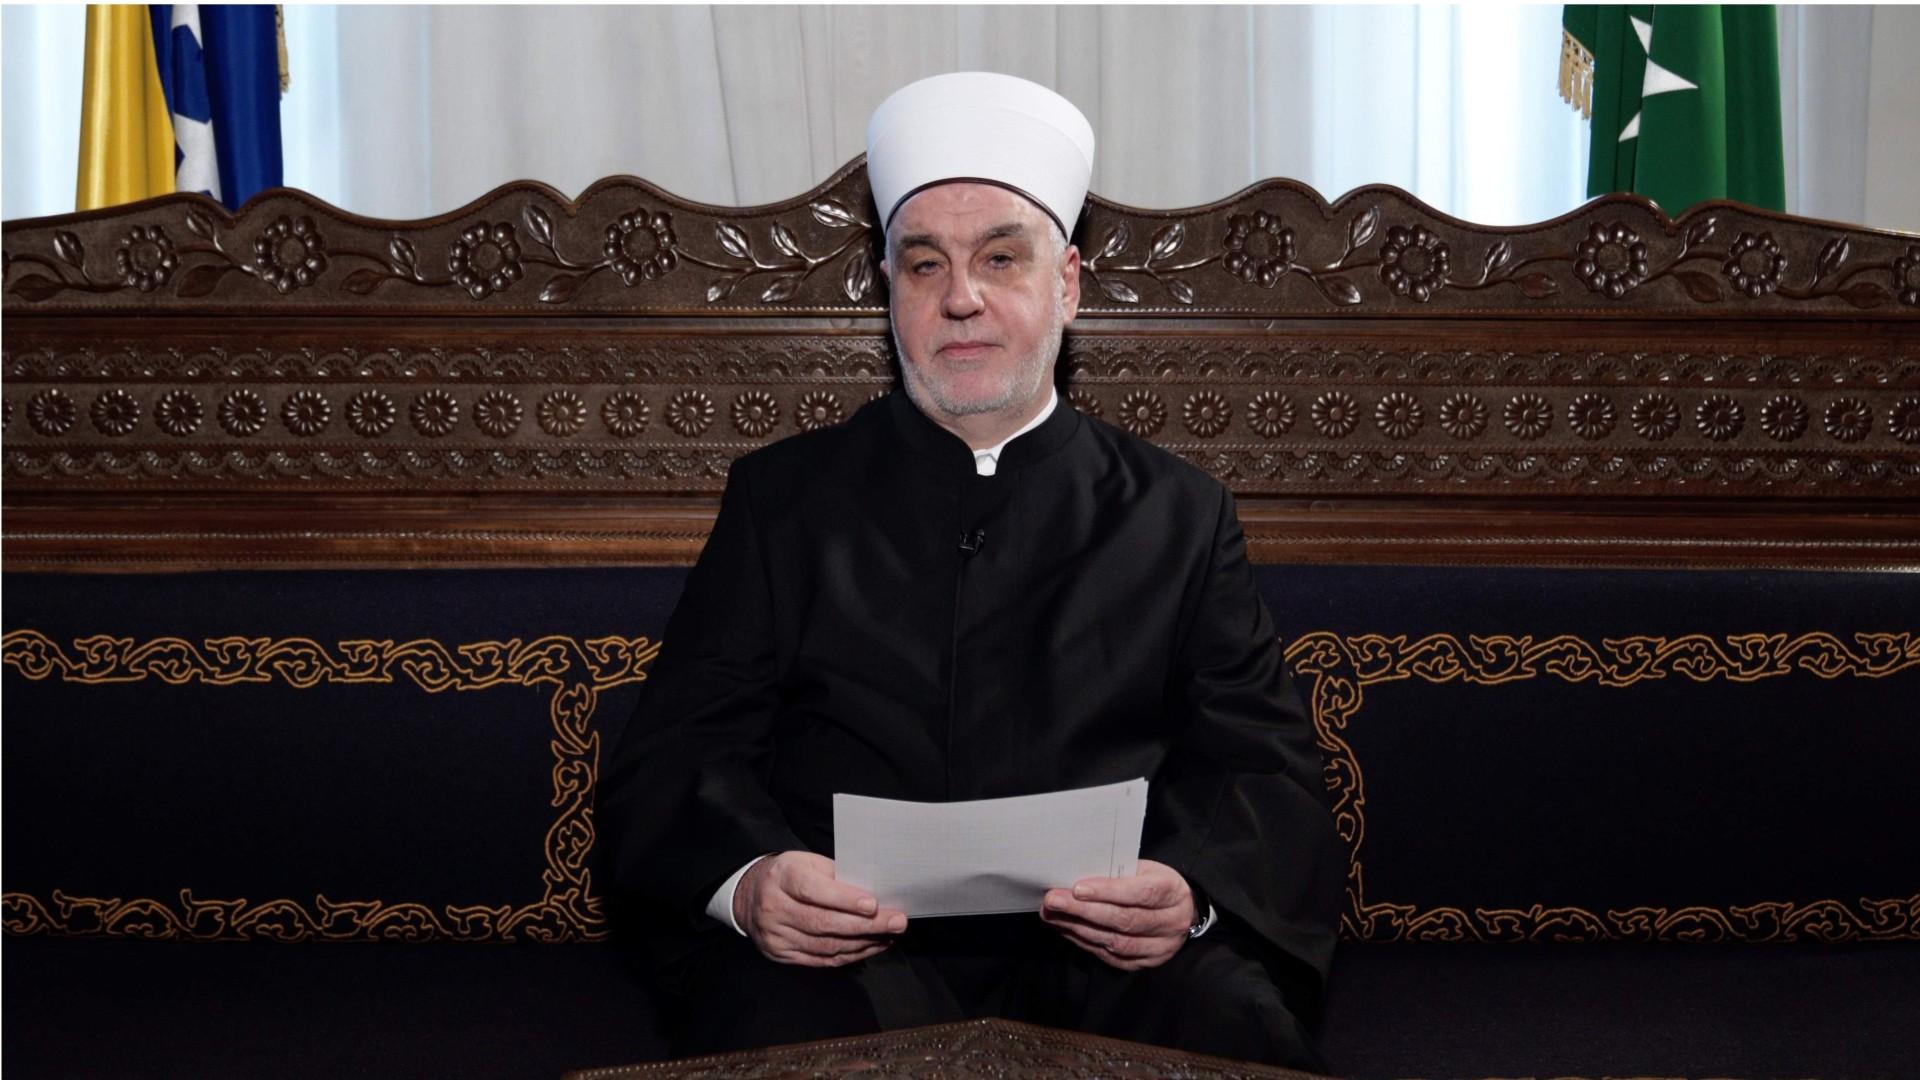 Bajramska poruka Reisu-l-uleme: Udružimo se da dobro i mir nadvladaju našim društvom